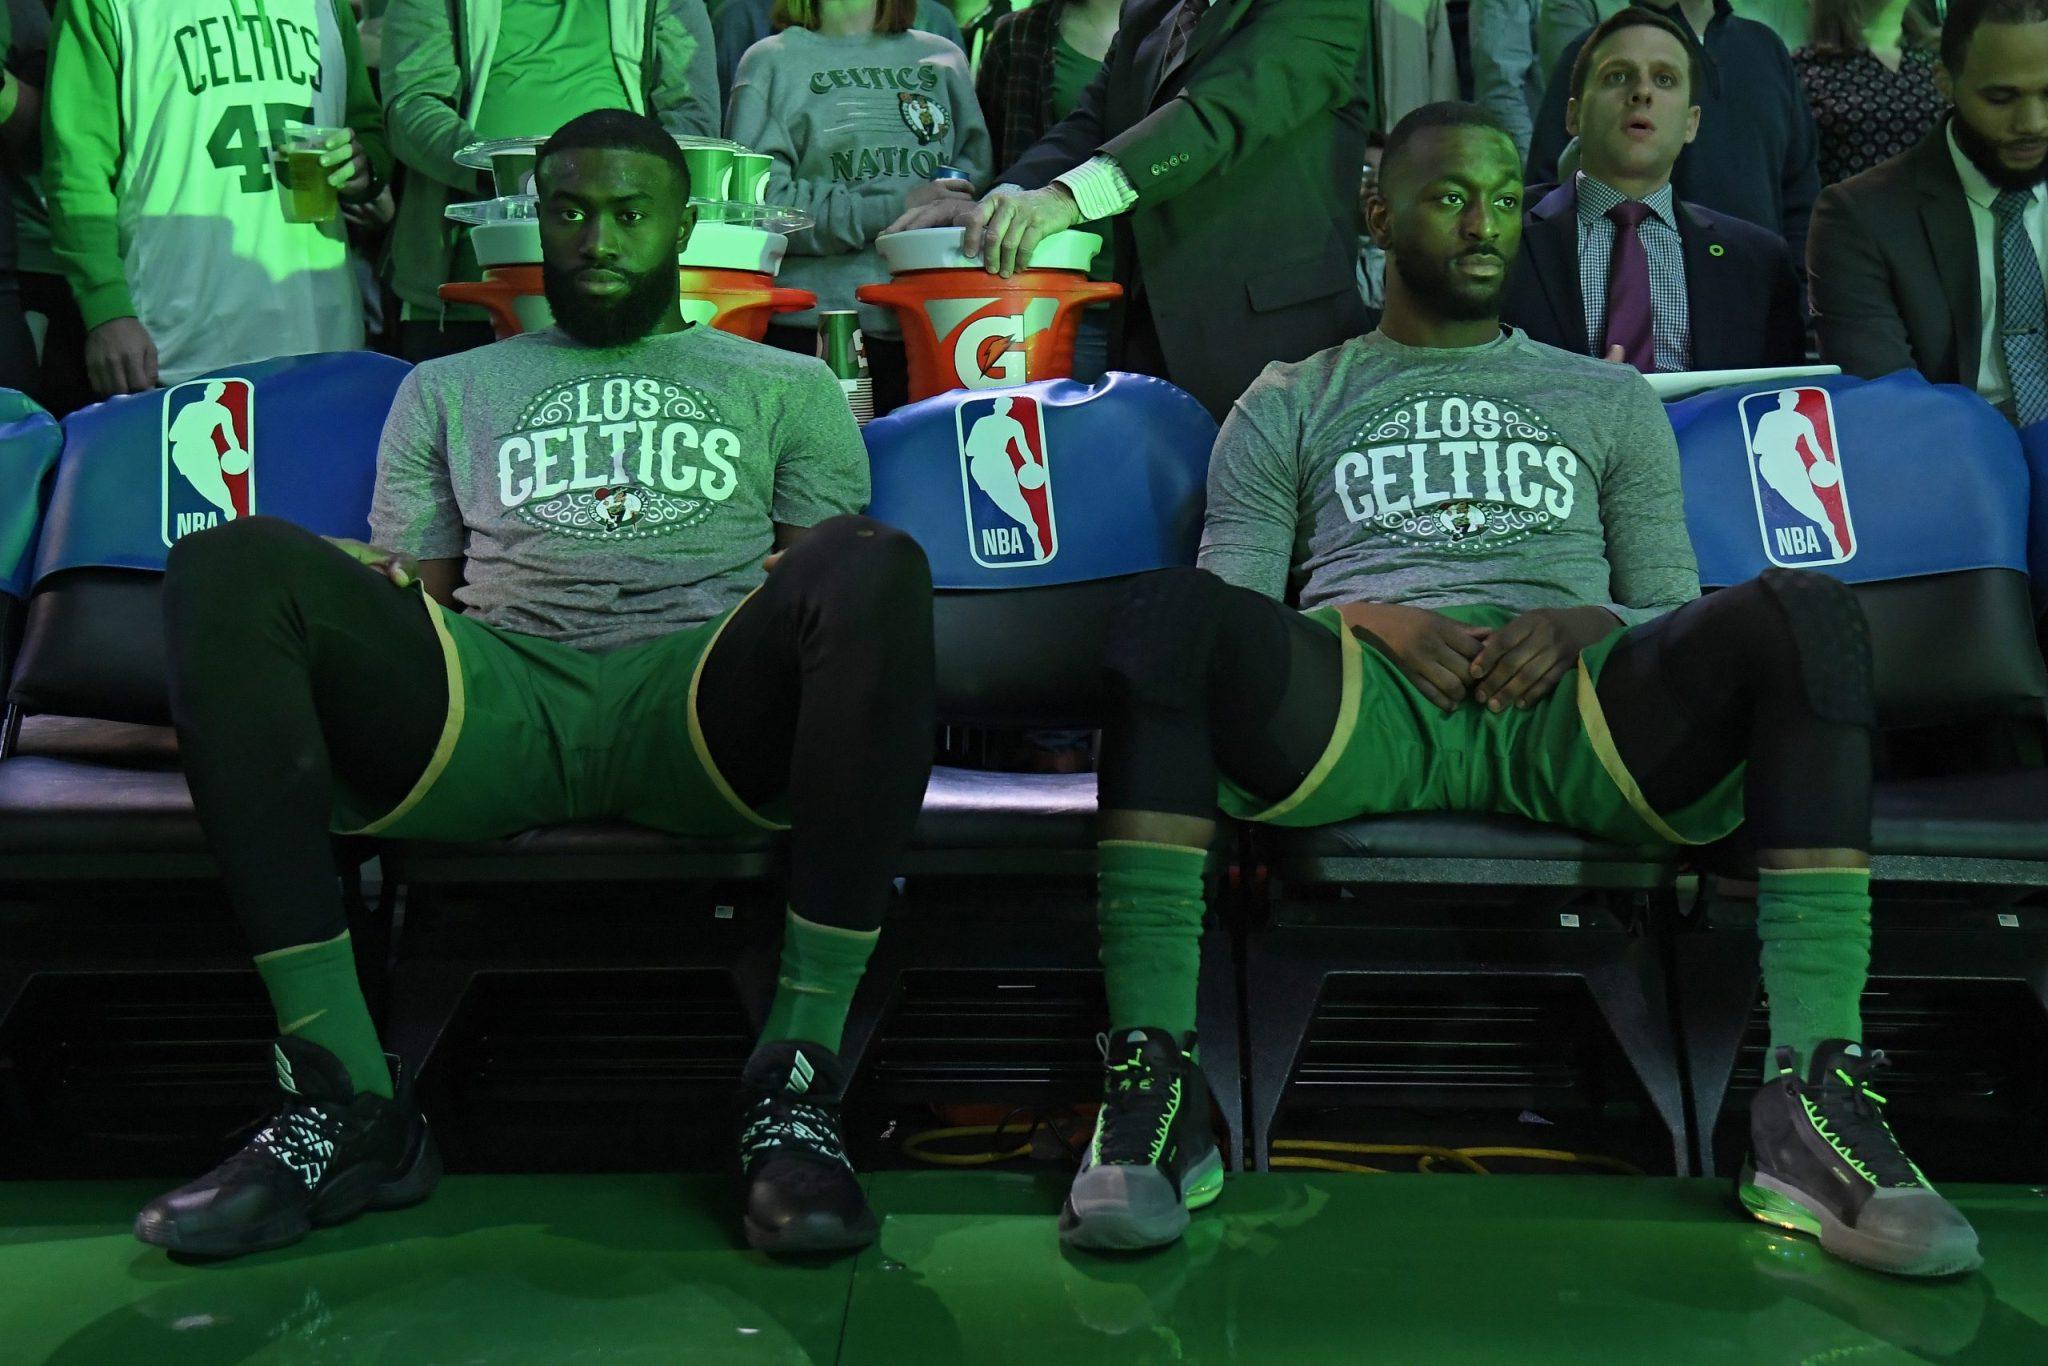 La NBA dice basta: así está siendo su denuncia y lucha contra el racismo